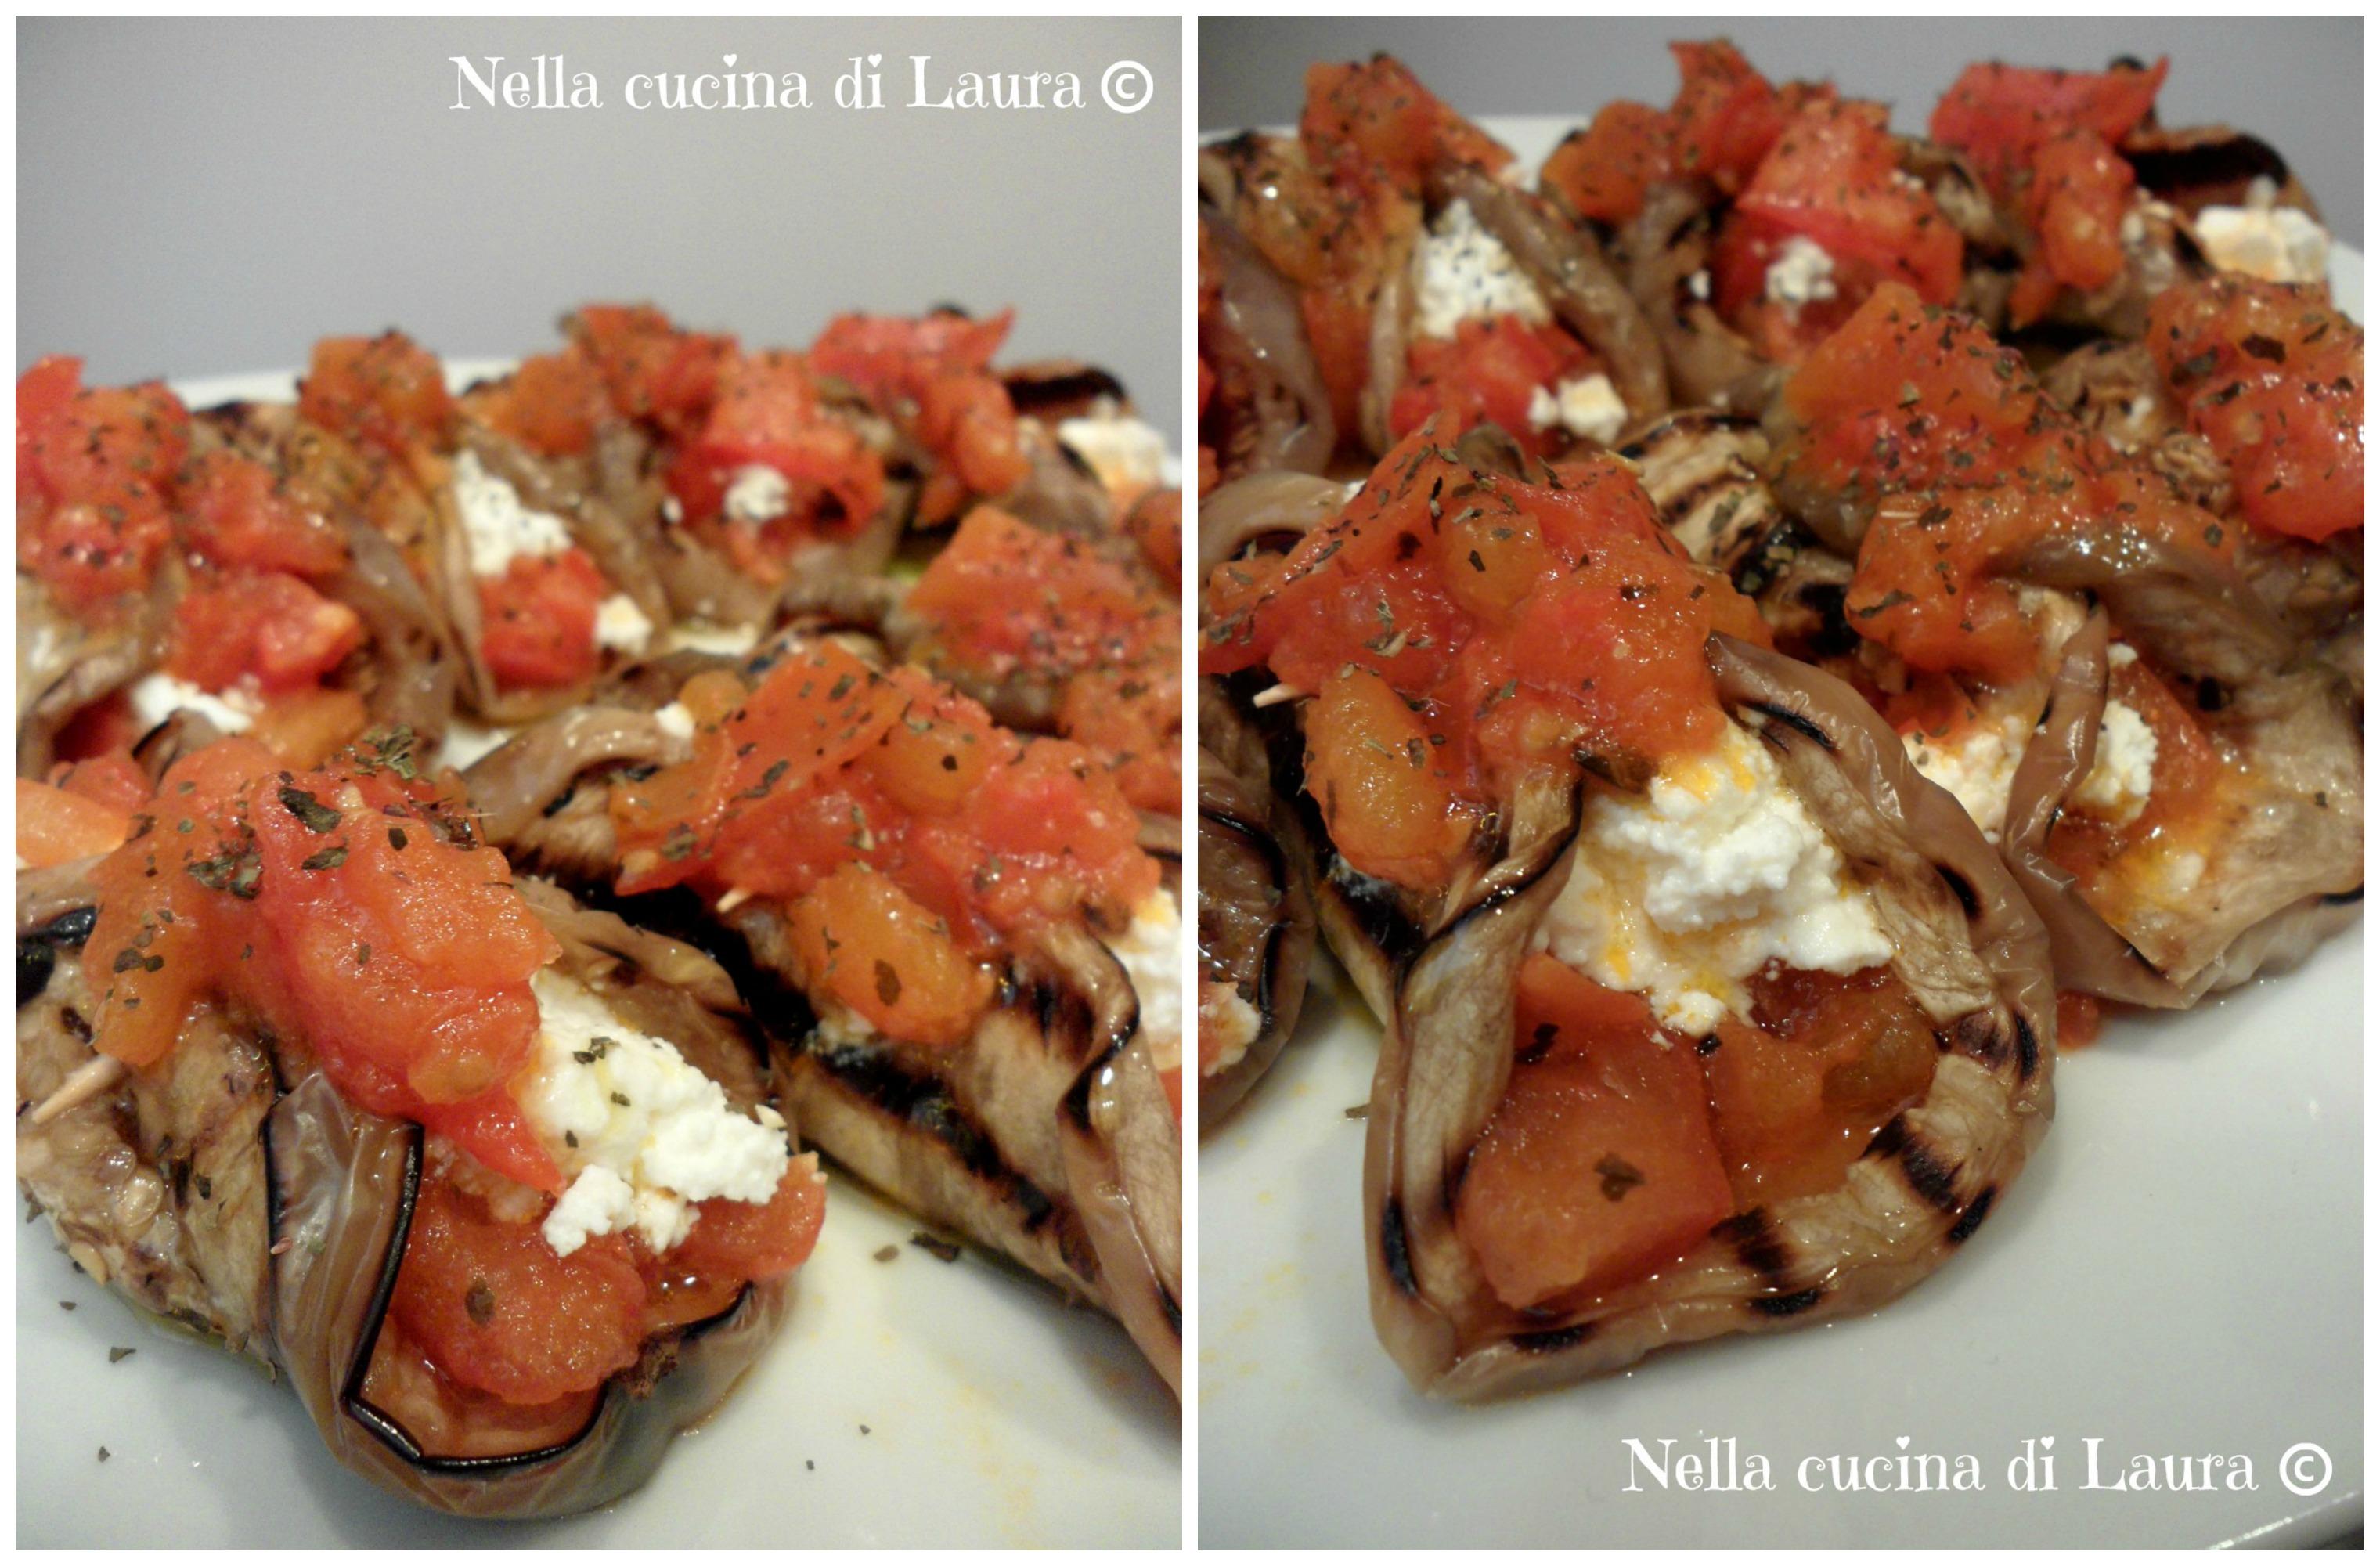 involtini di melanzane con ricotta e pomodori - nella cucina di laura